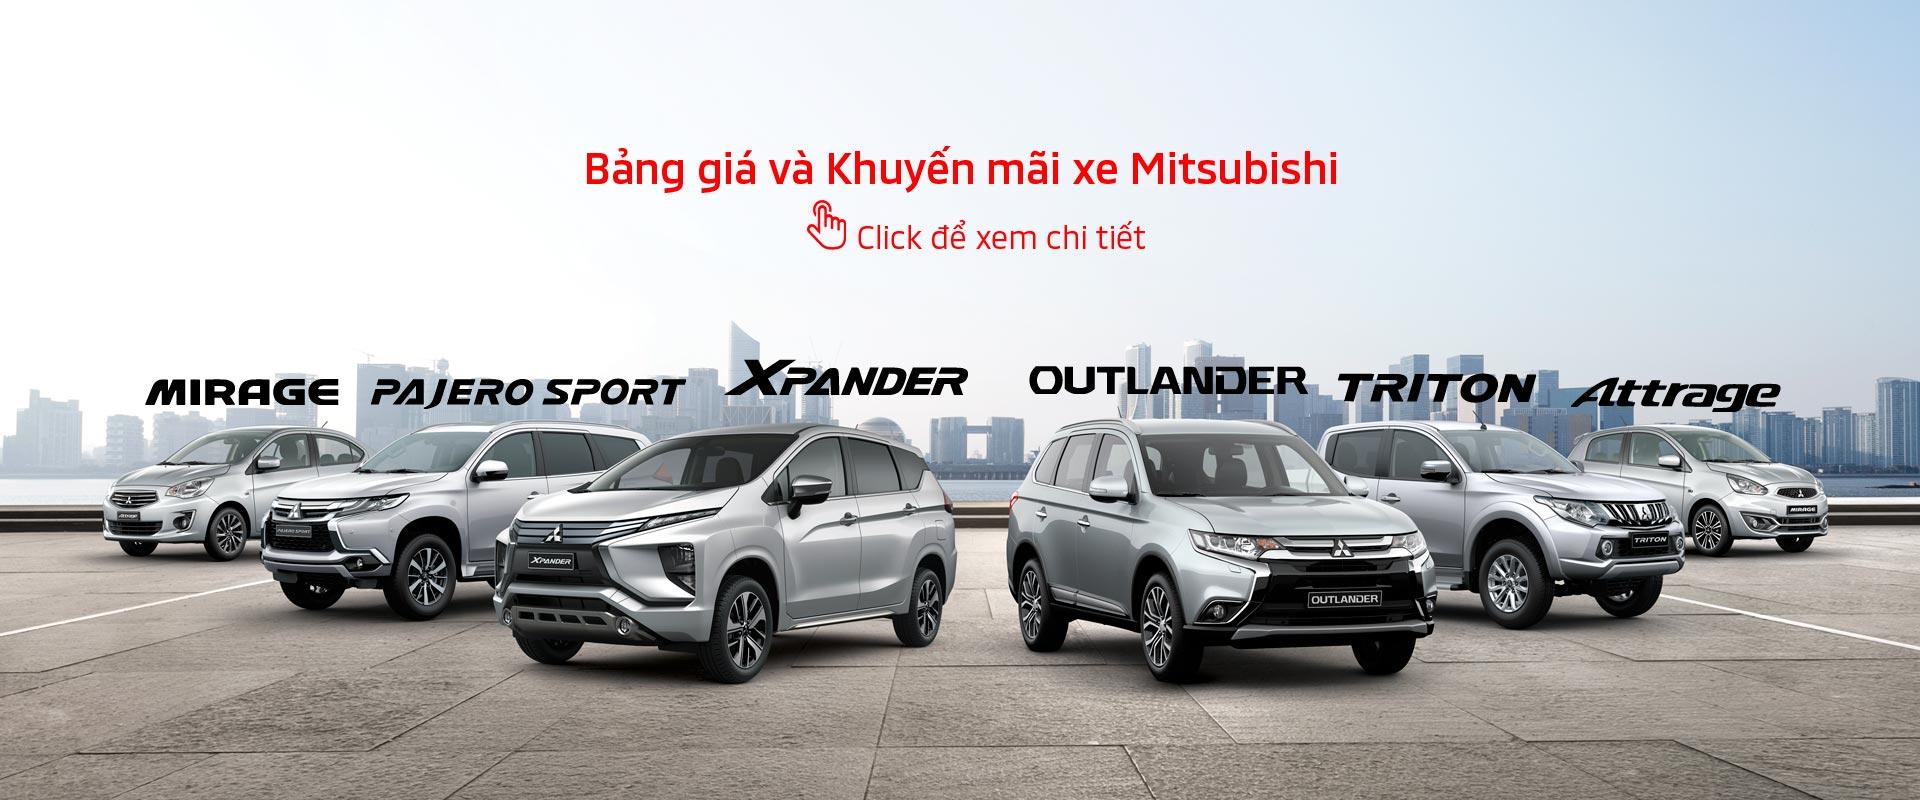 Bảng giá xe Mitsubishi tháng 07/2019